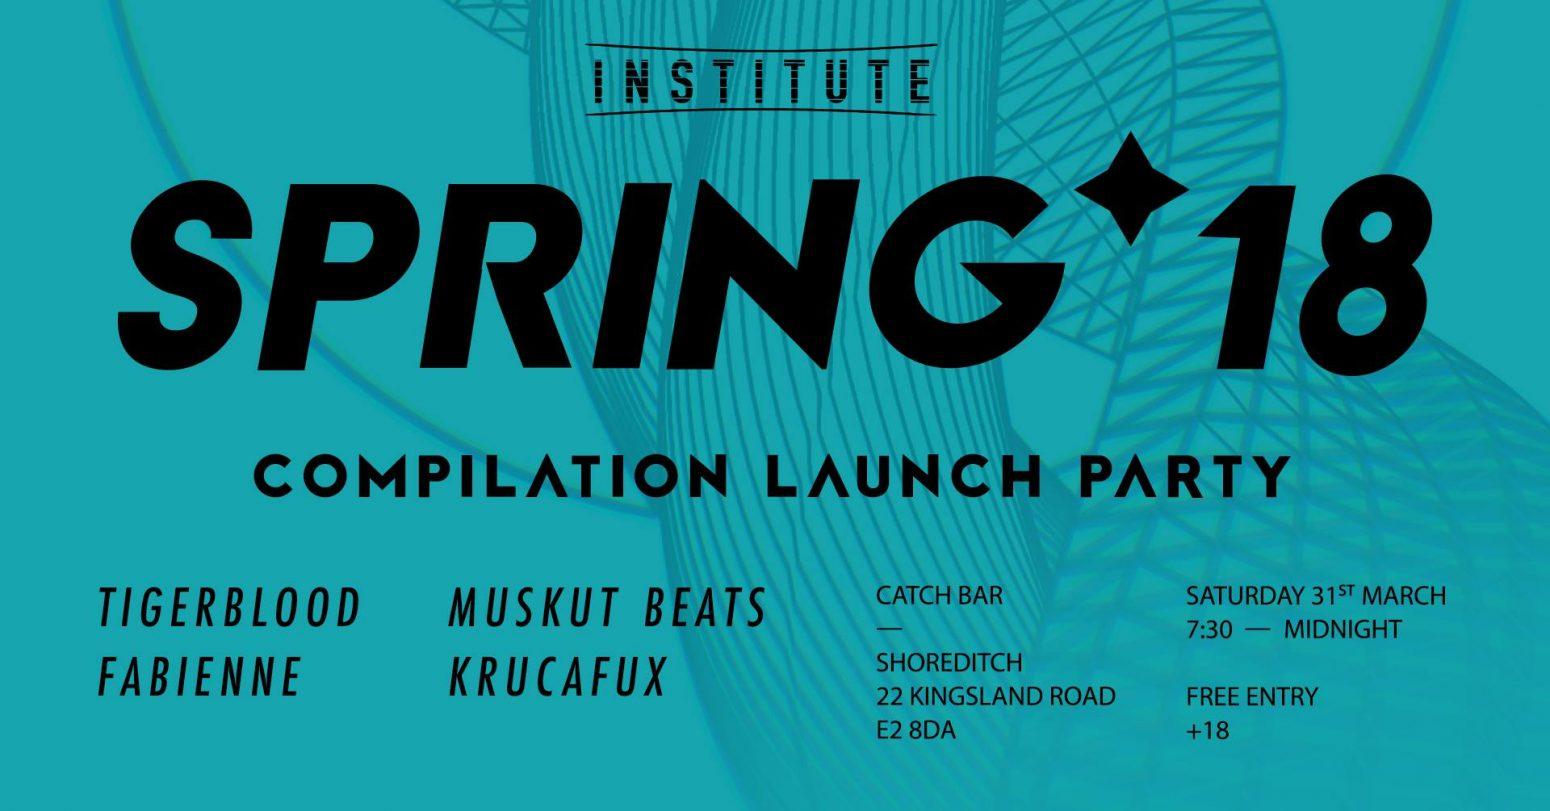 Institute Spring 18